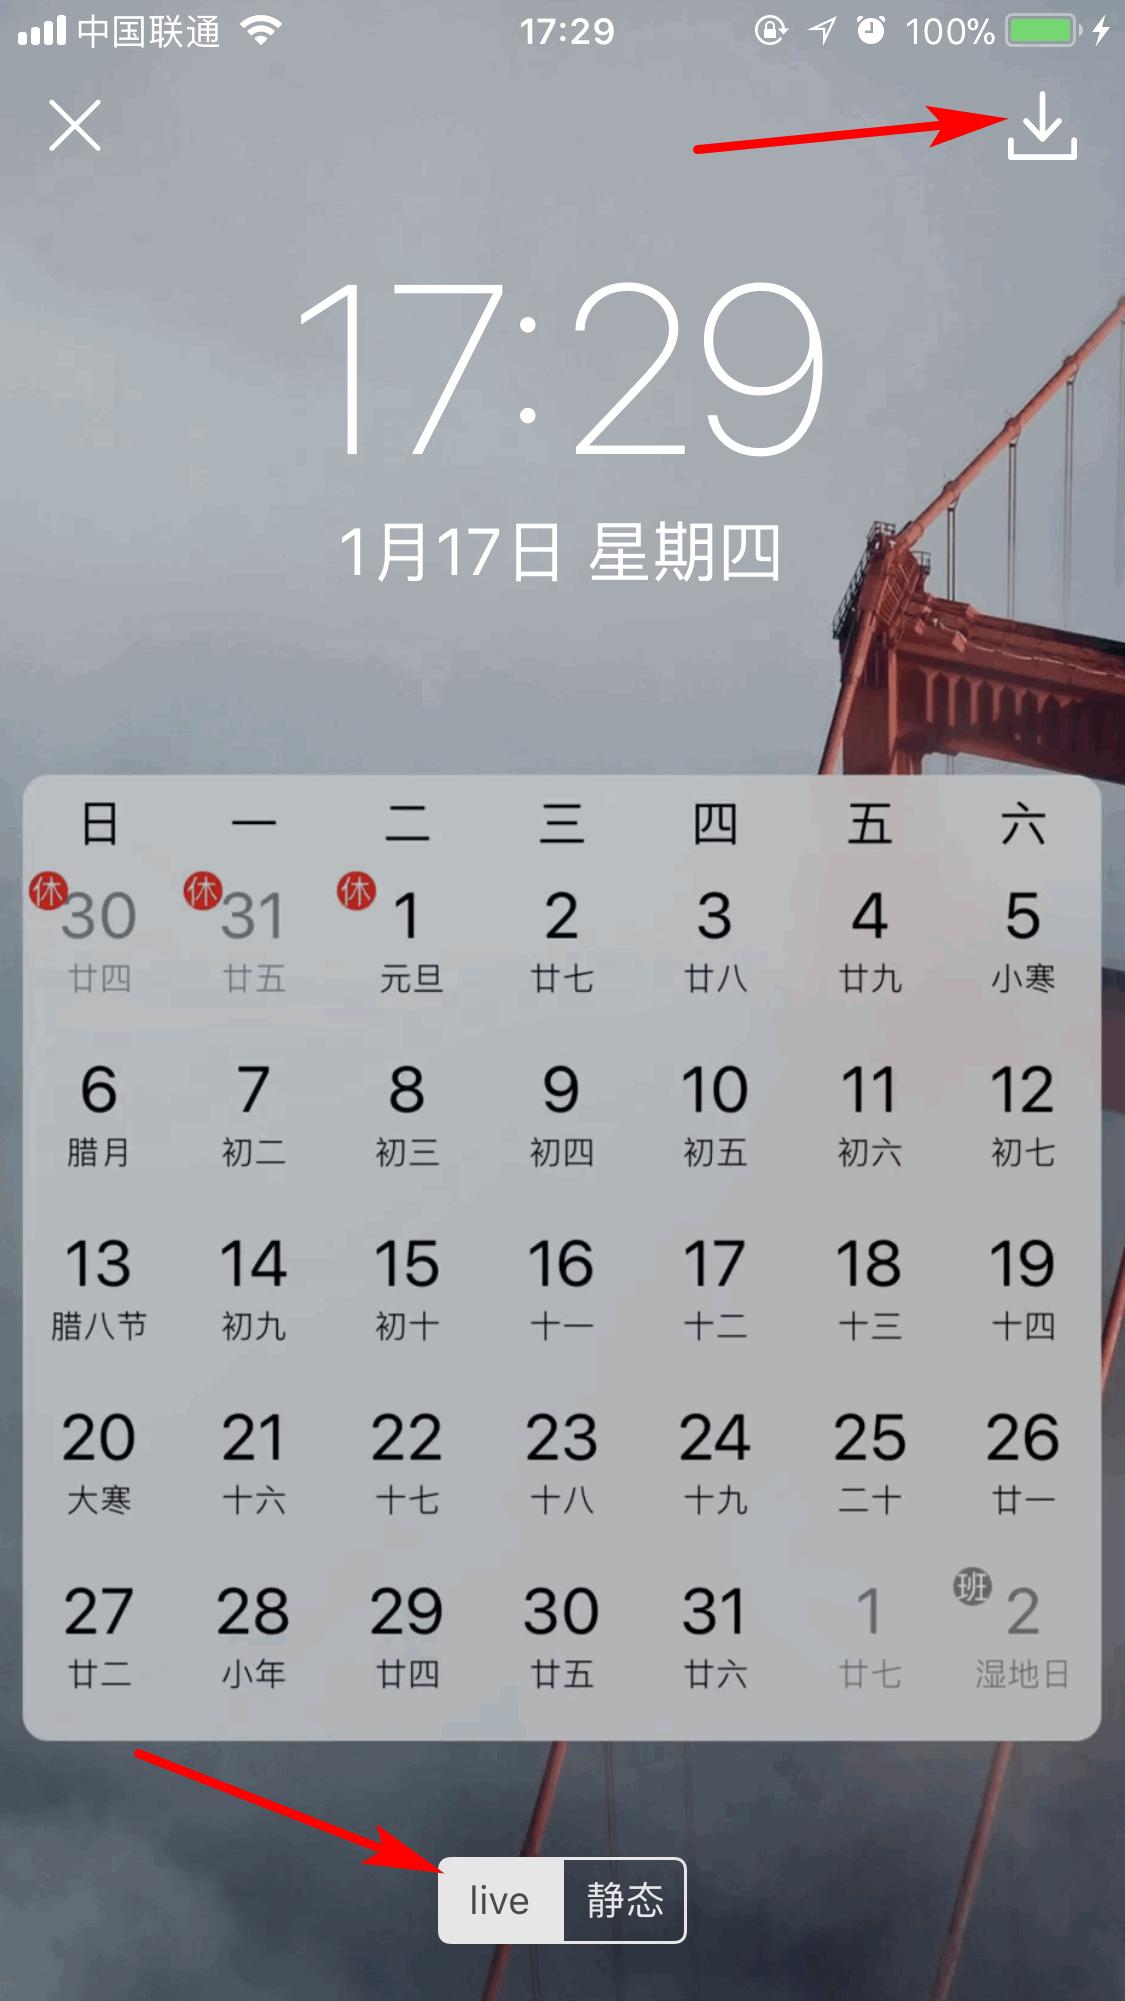 iPhone 锁屏新玩法:把日历、课表、待办隐藏进壁纸